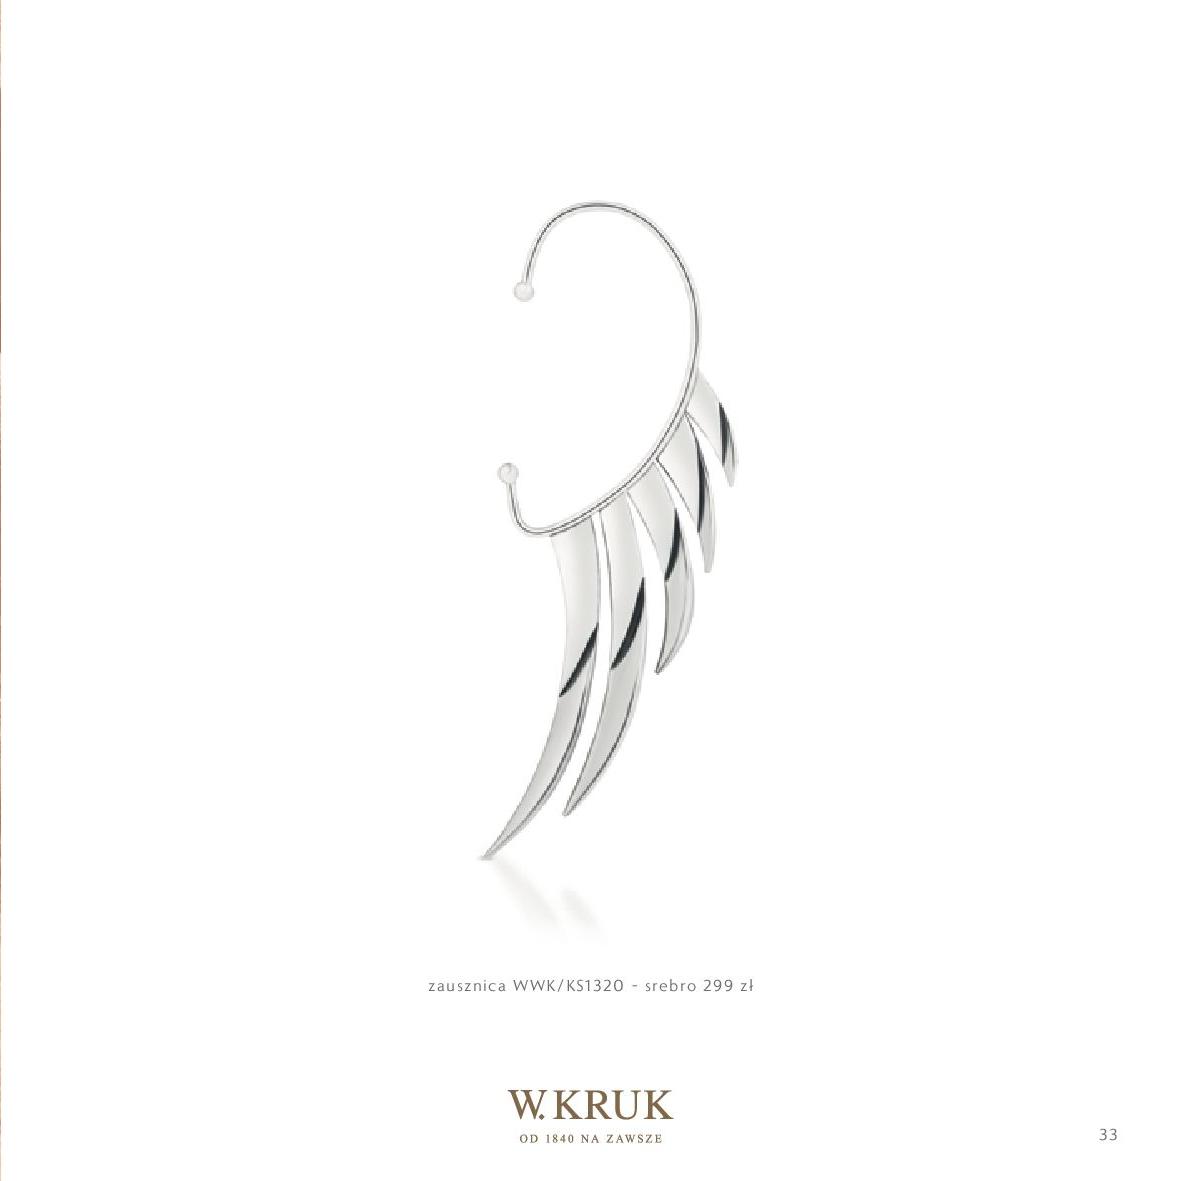 Gazetka W. KRUK: Katalog - Kolekcja Freedom 2021-02-17 page-35